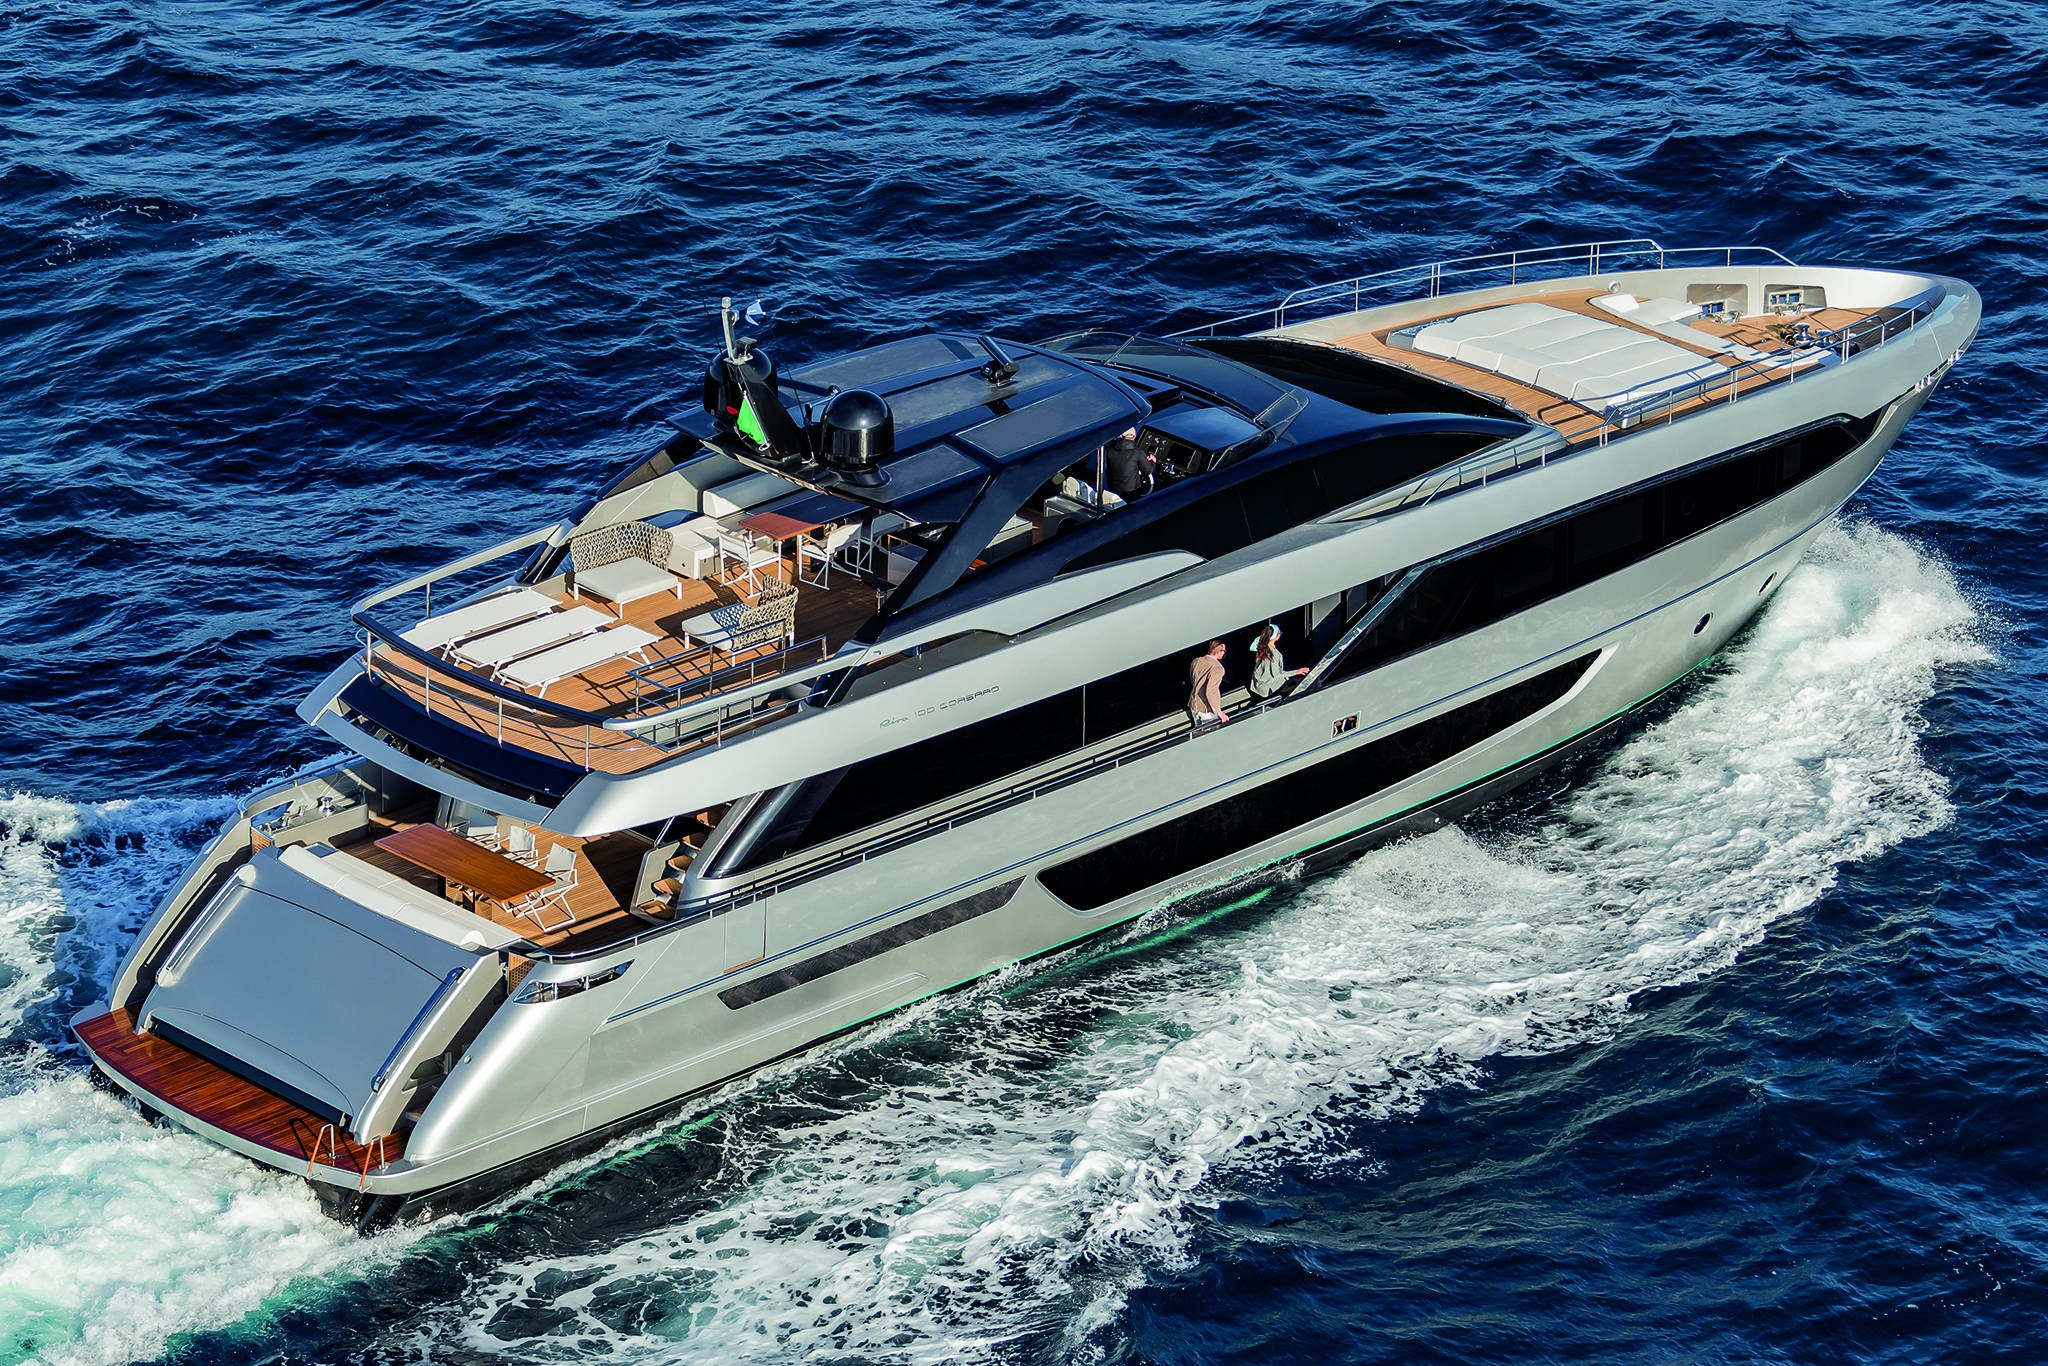 New Riva Corsaro Ita Yachts Canada Ita Yachts Canada